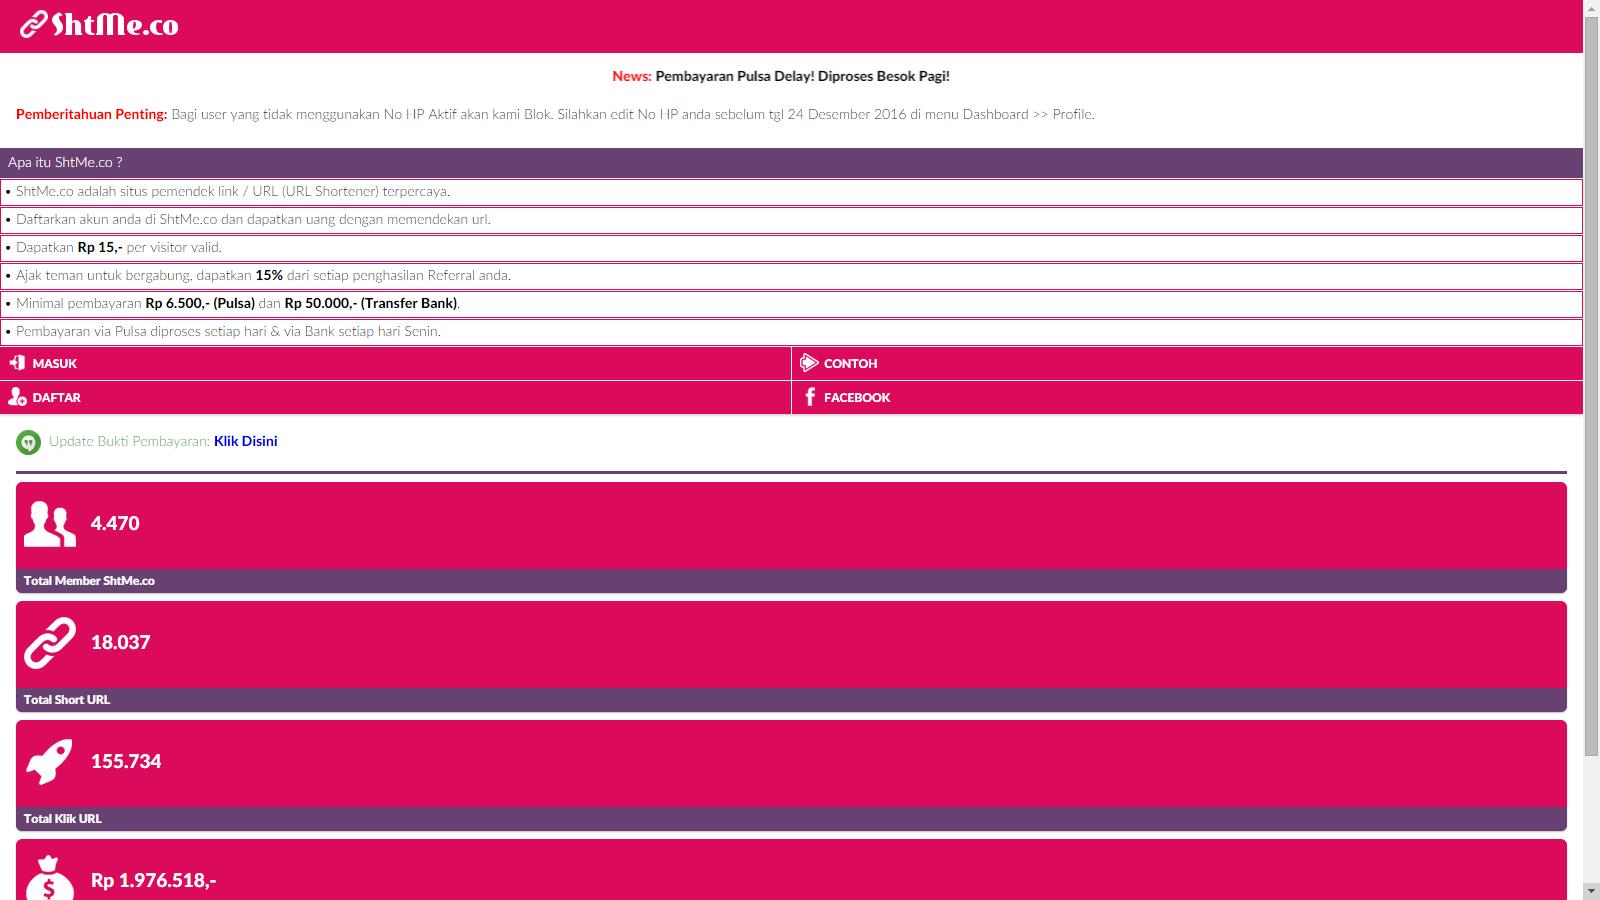 Cara daftar dan mendapatkan pulsa gratis dari situs shtme